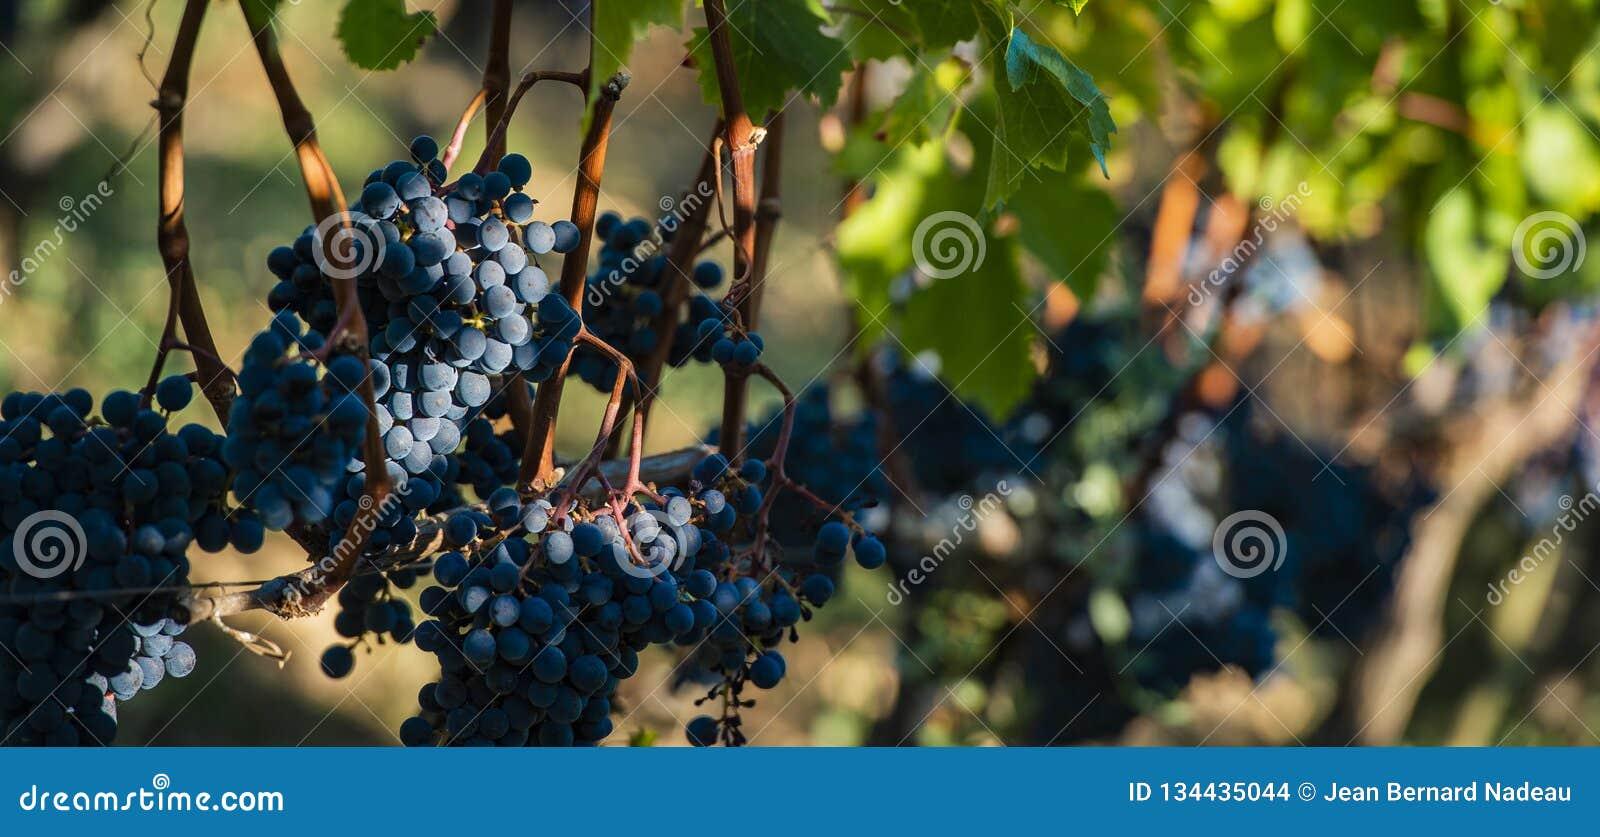 Sluit omhoog op rode zwarte druiven in een wijngaard, het concept van de druivenoogst